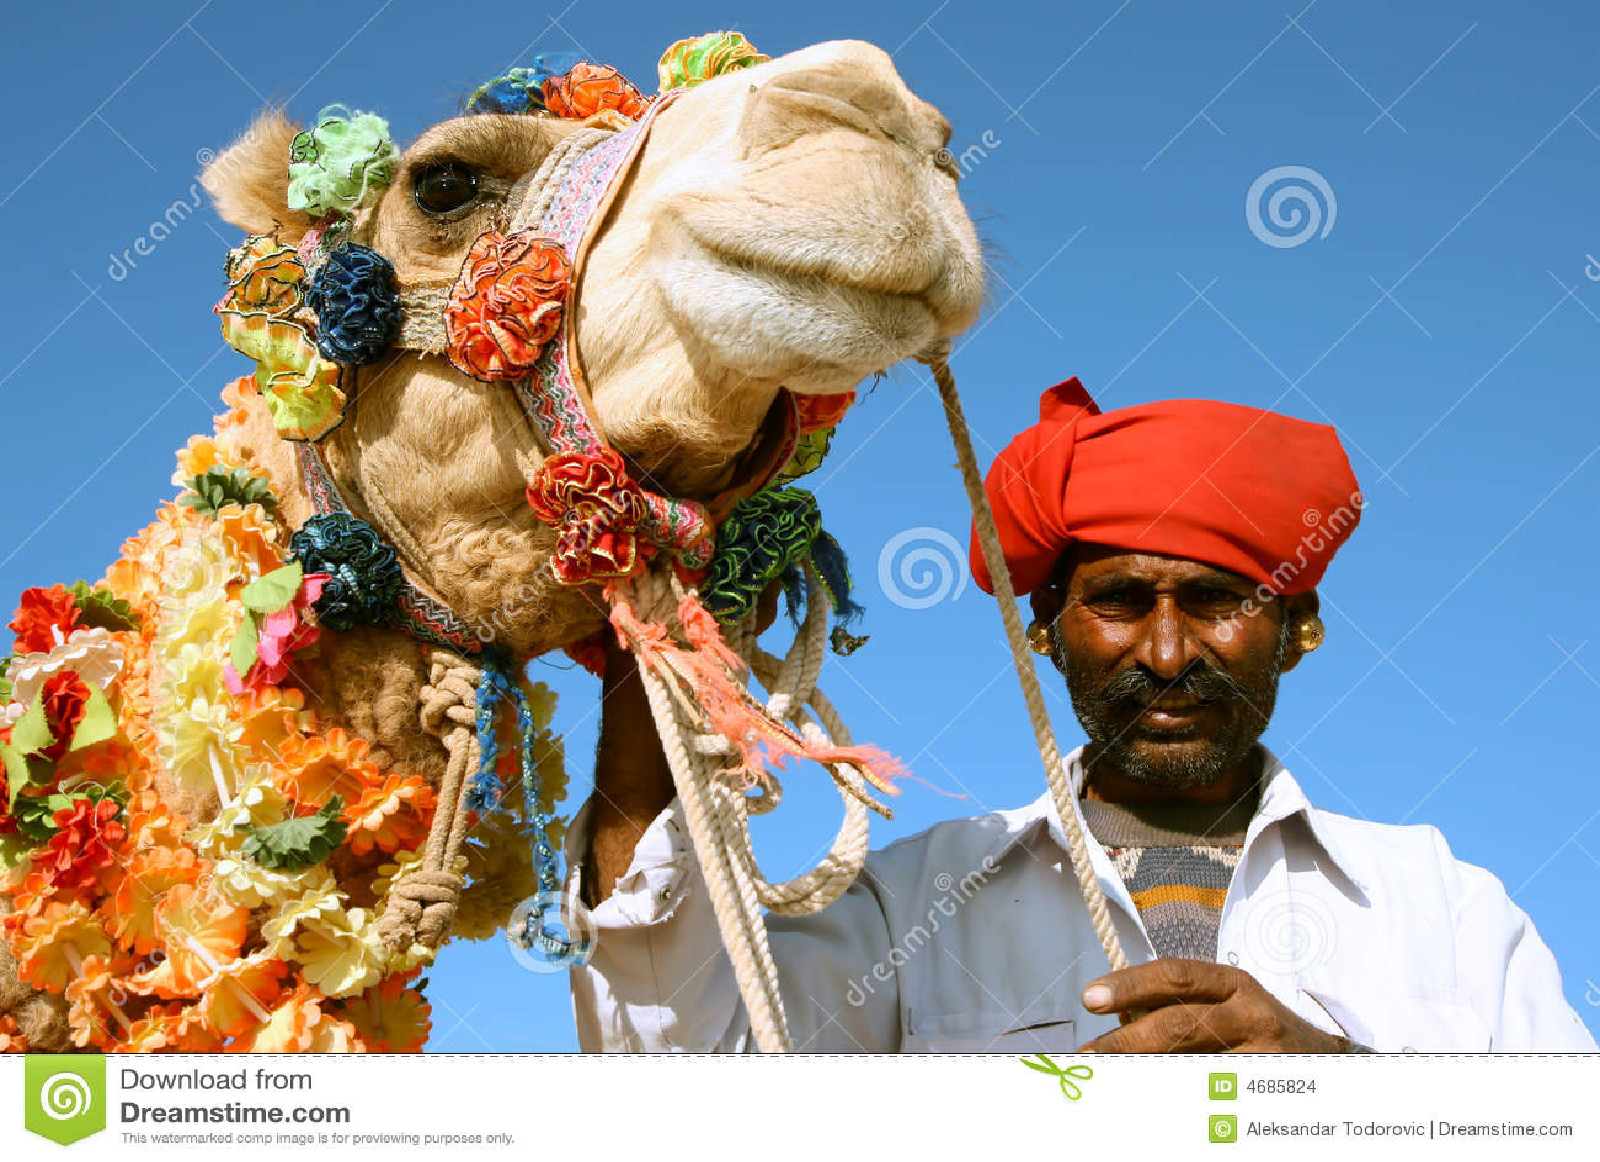 Καμήλα στο σαφάρι